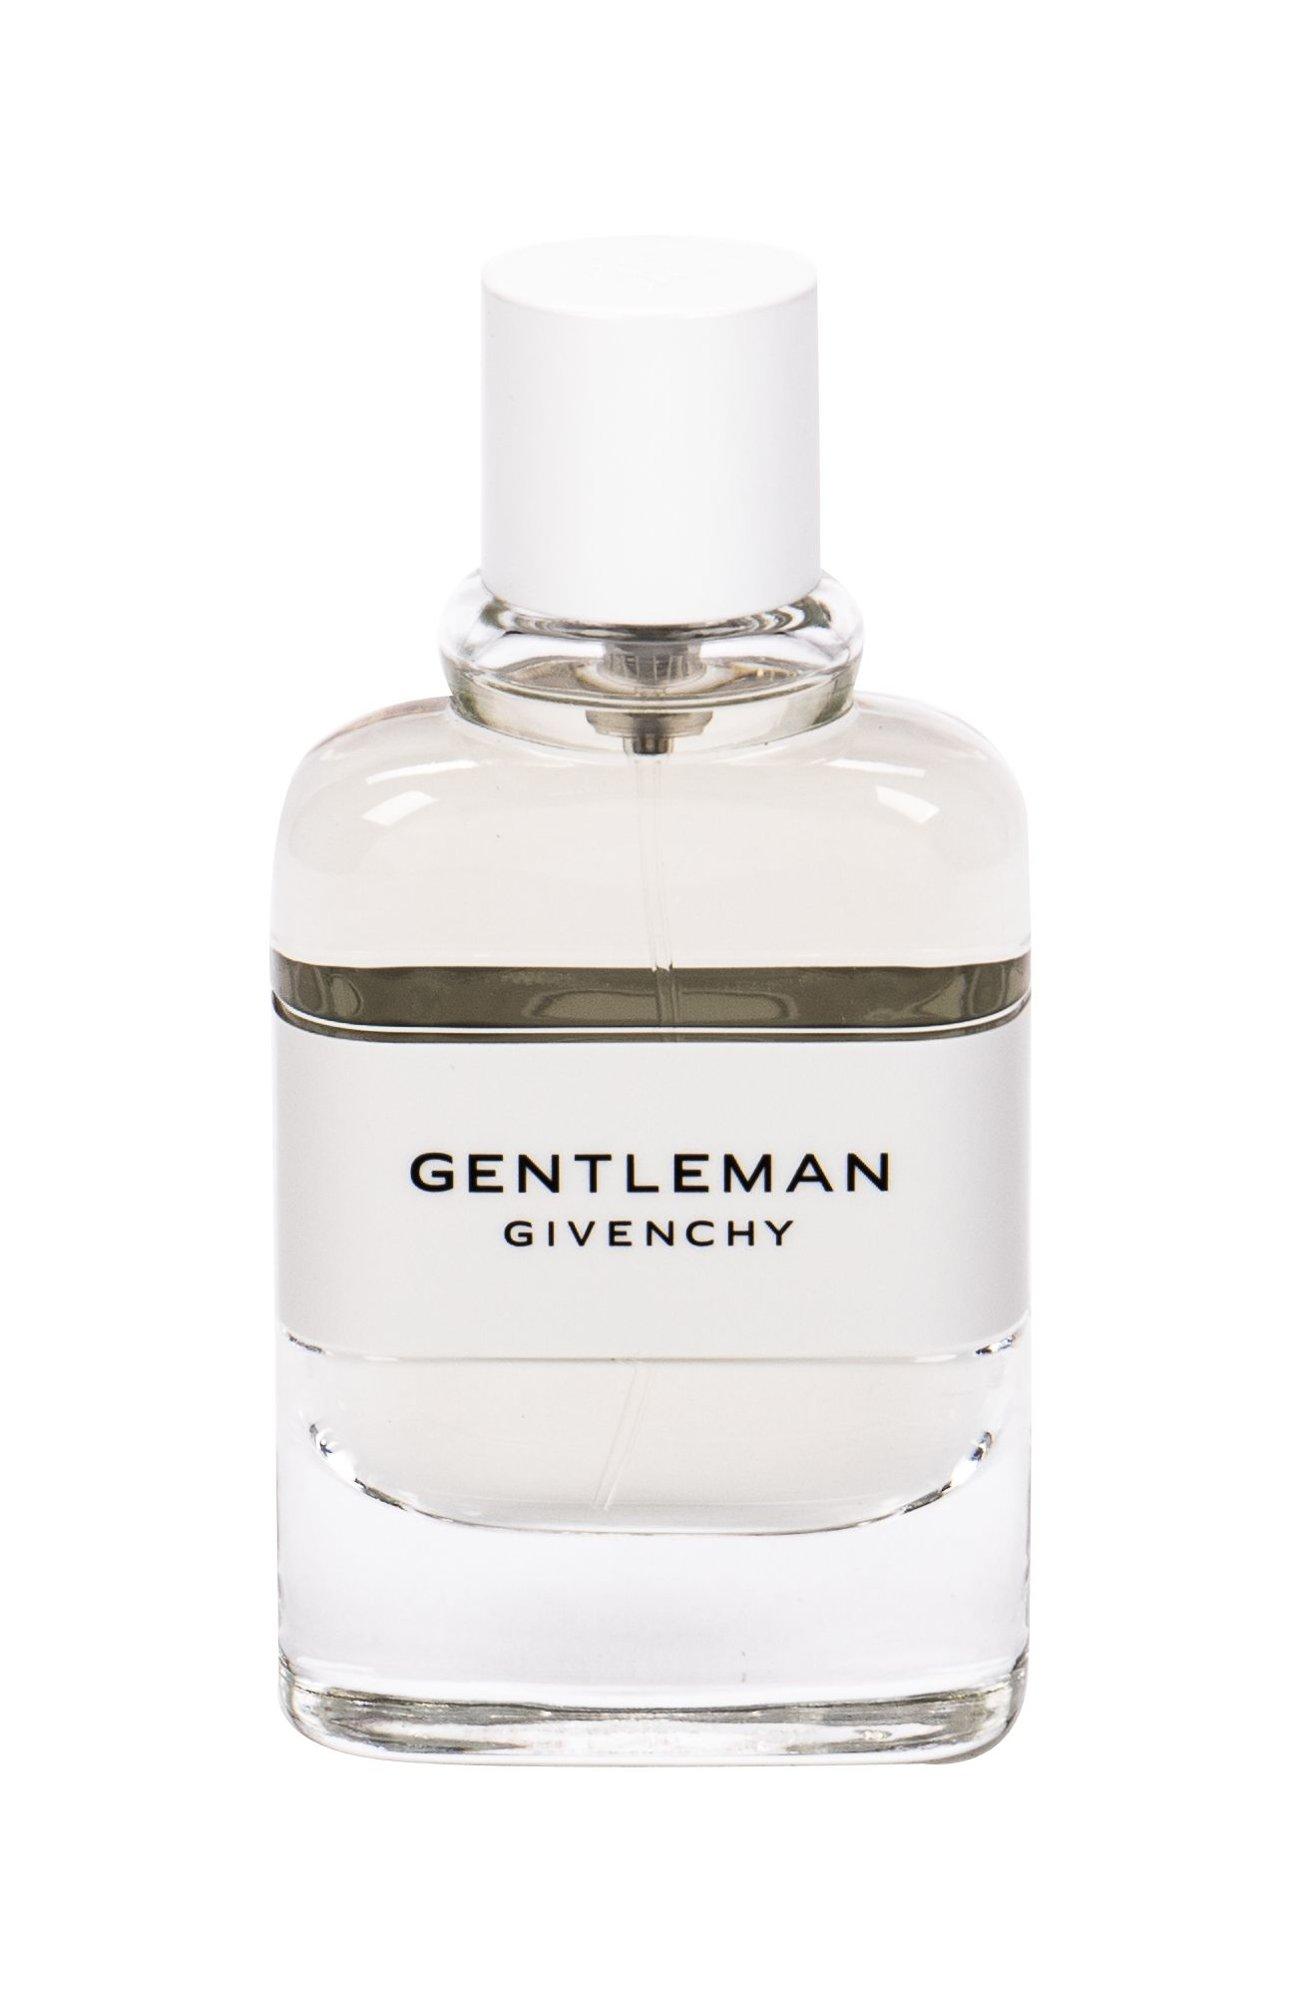 Givenchy Gentleman Eau de Toilette 50ml  Cologne